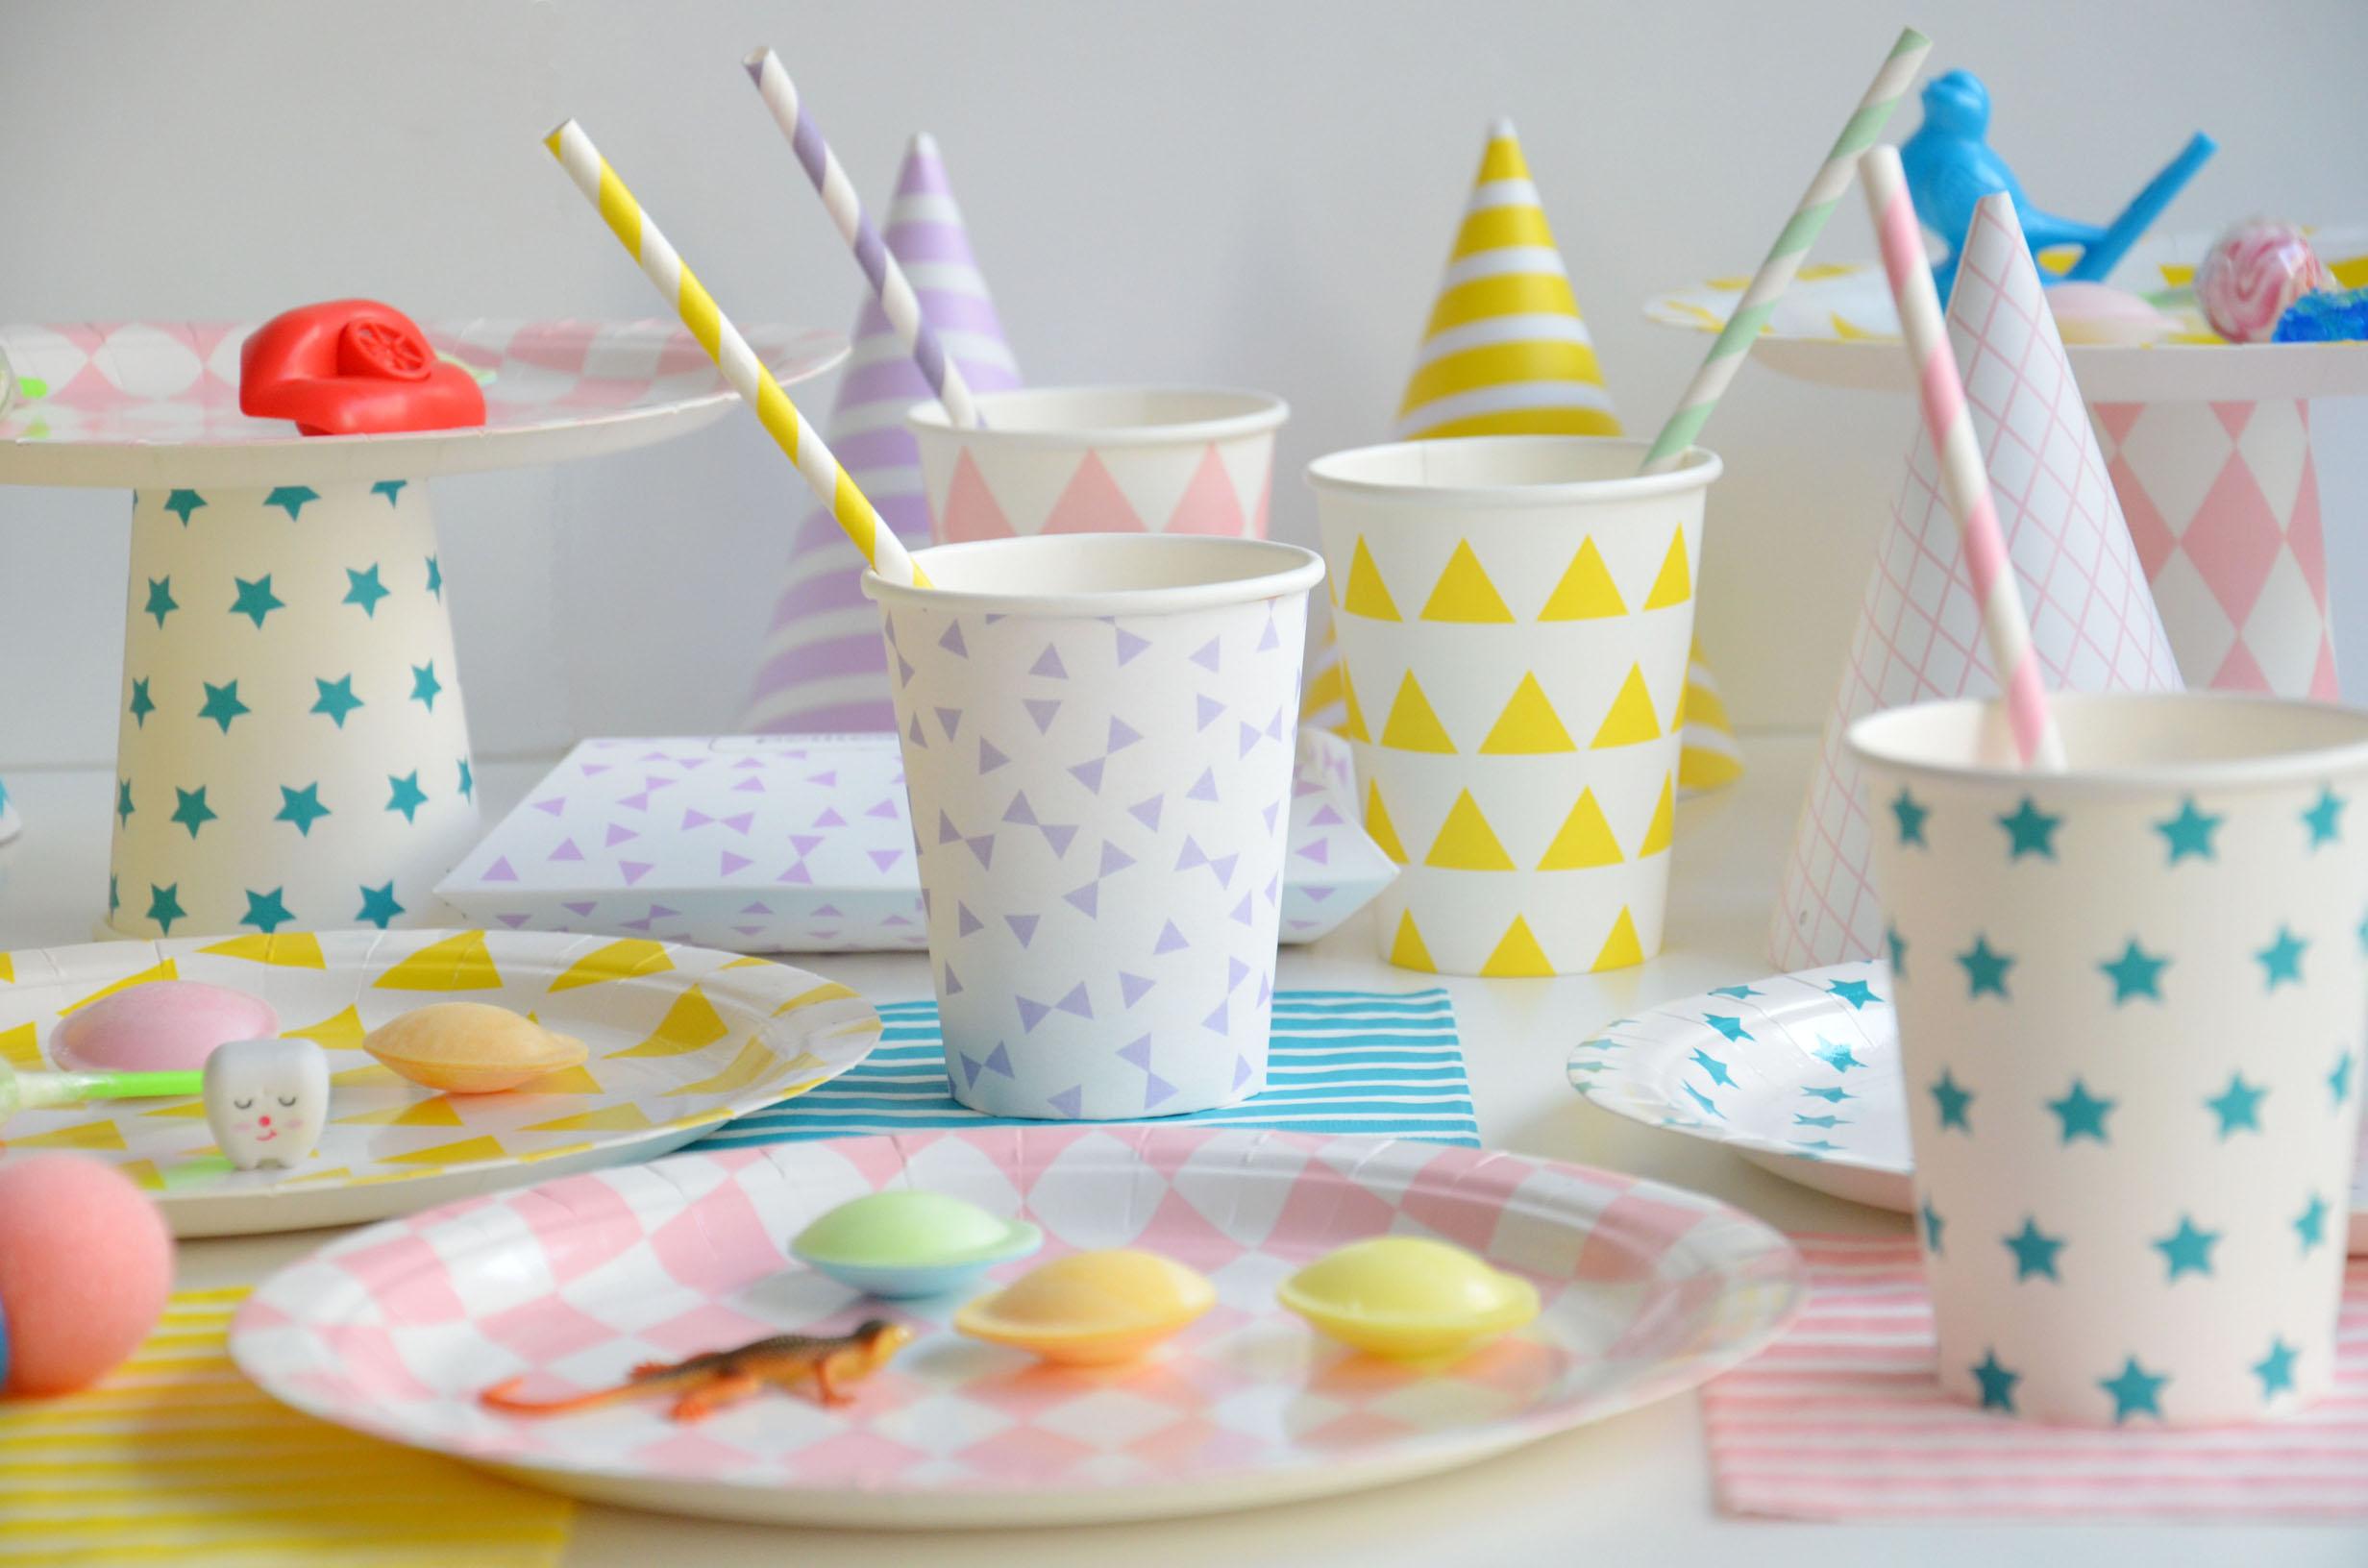 Oui Oui-productos fiesta niños lifestyle (2)